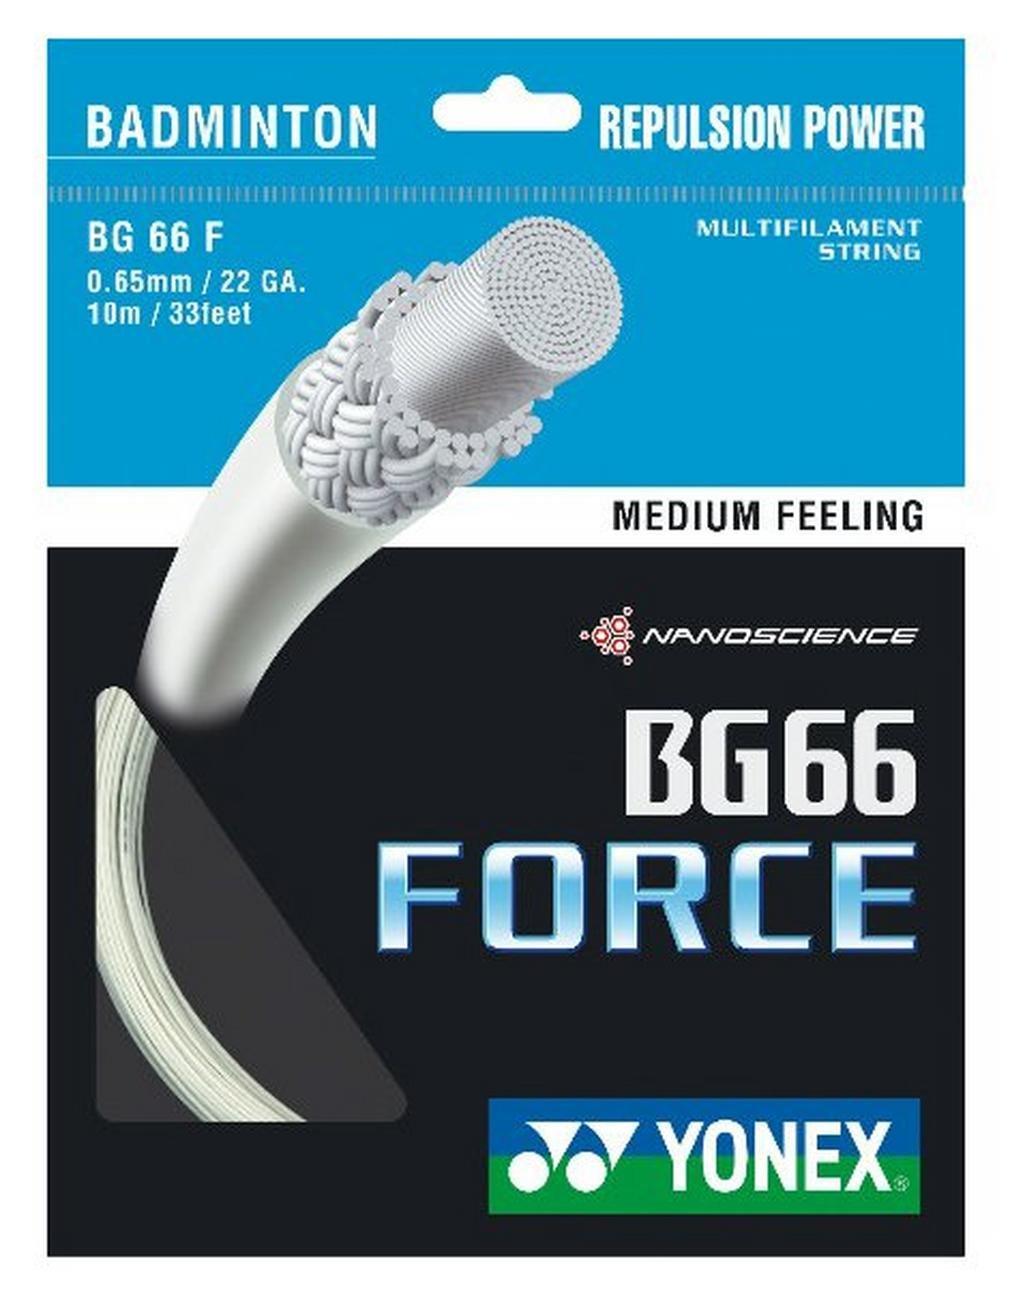 ヨネックスBG 66 Forceバドミントンストリング10 M B01F2PHAK0 イエロー